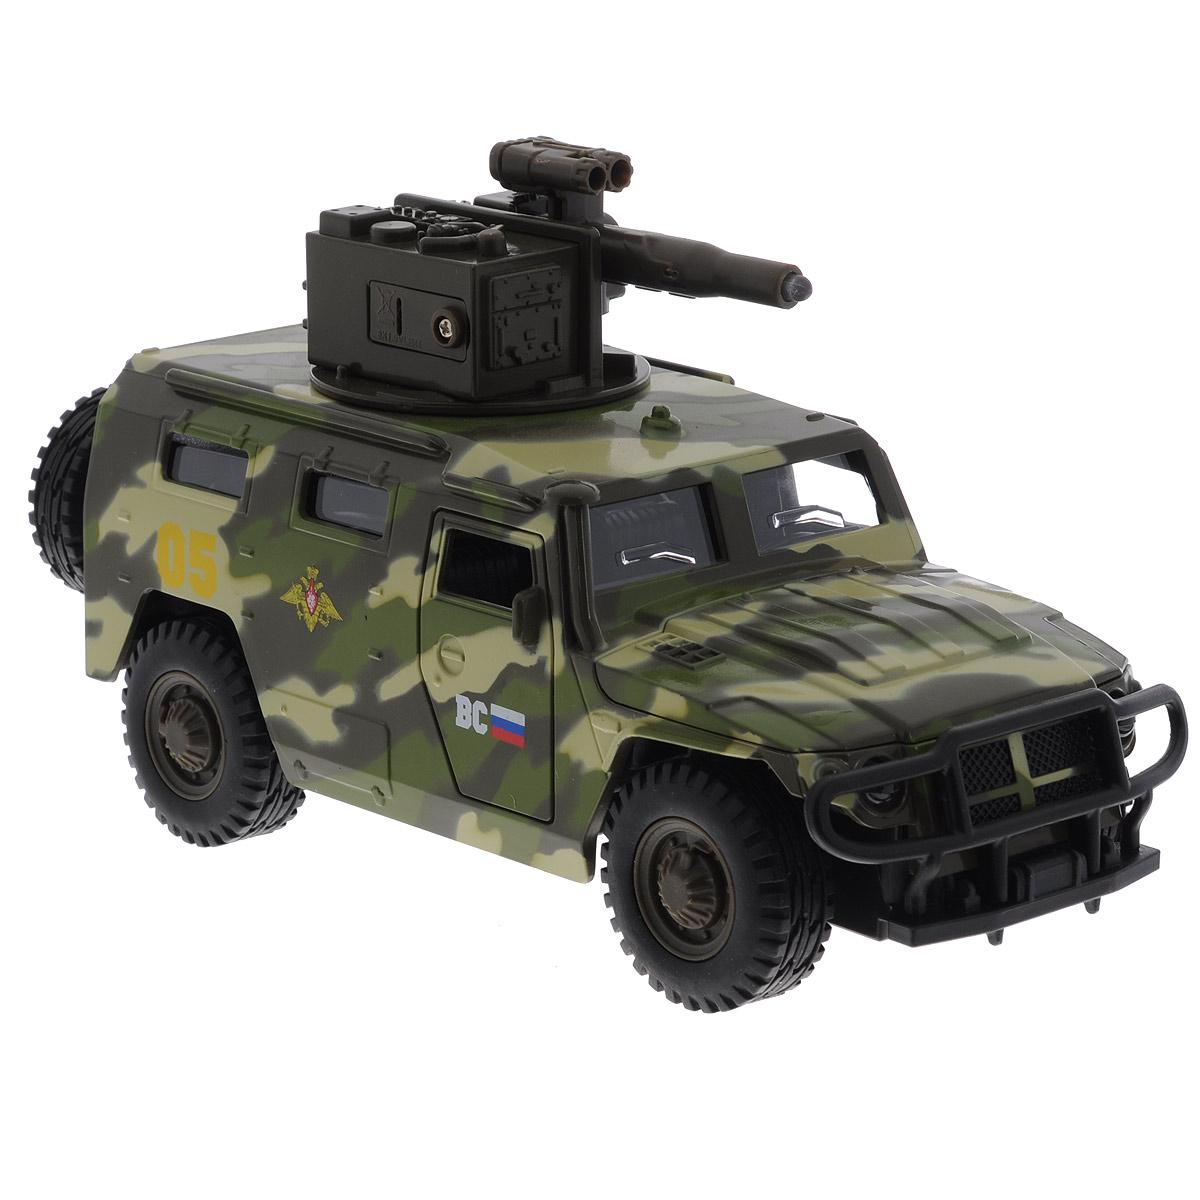 ТехноПарк Модель автомобиля ГАЗ Тигр технопарк газ 66 с пушкой